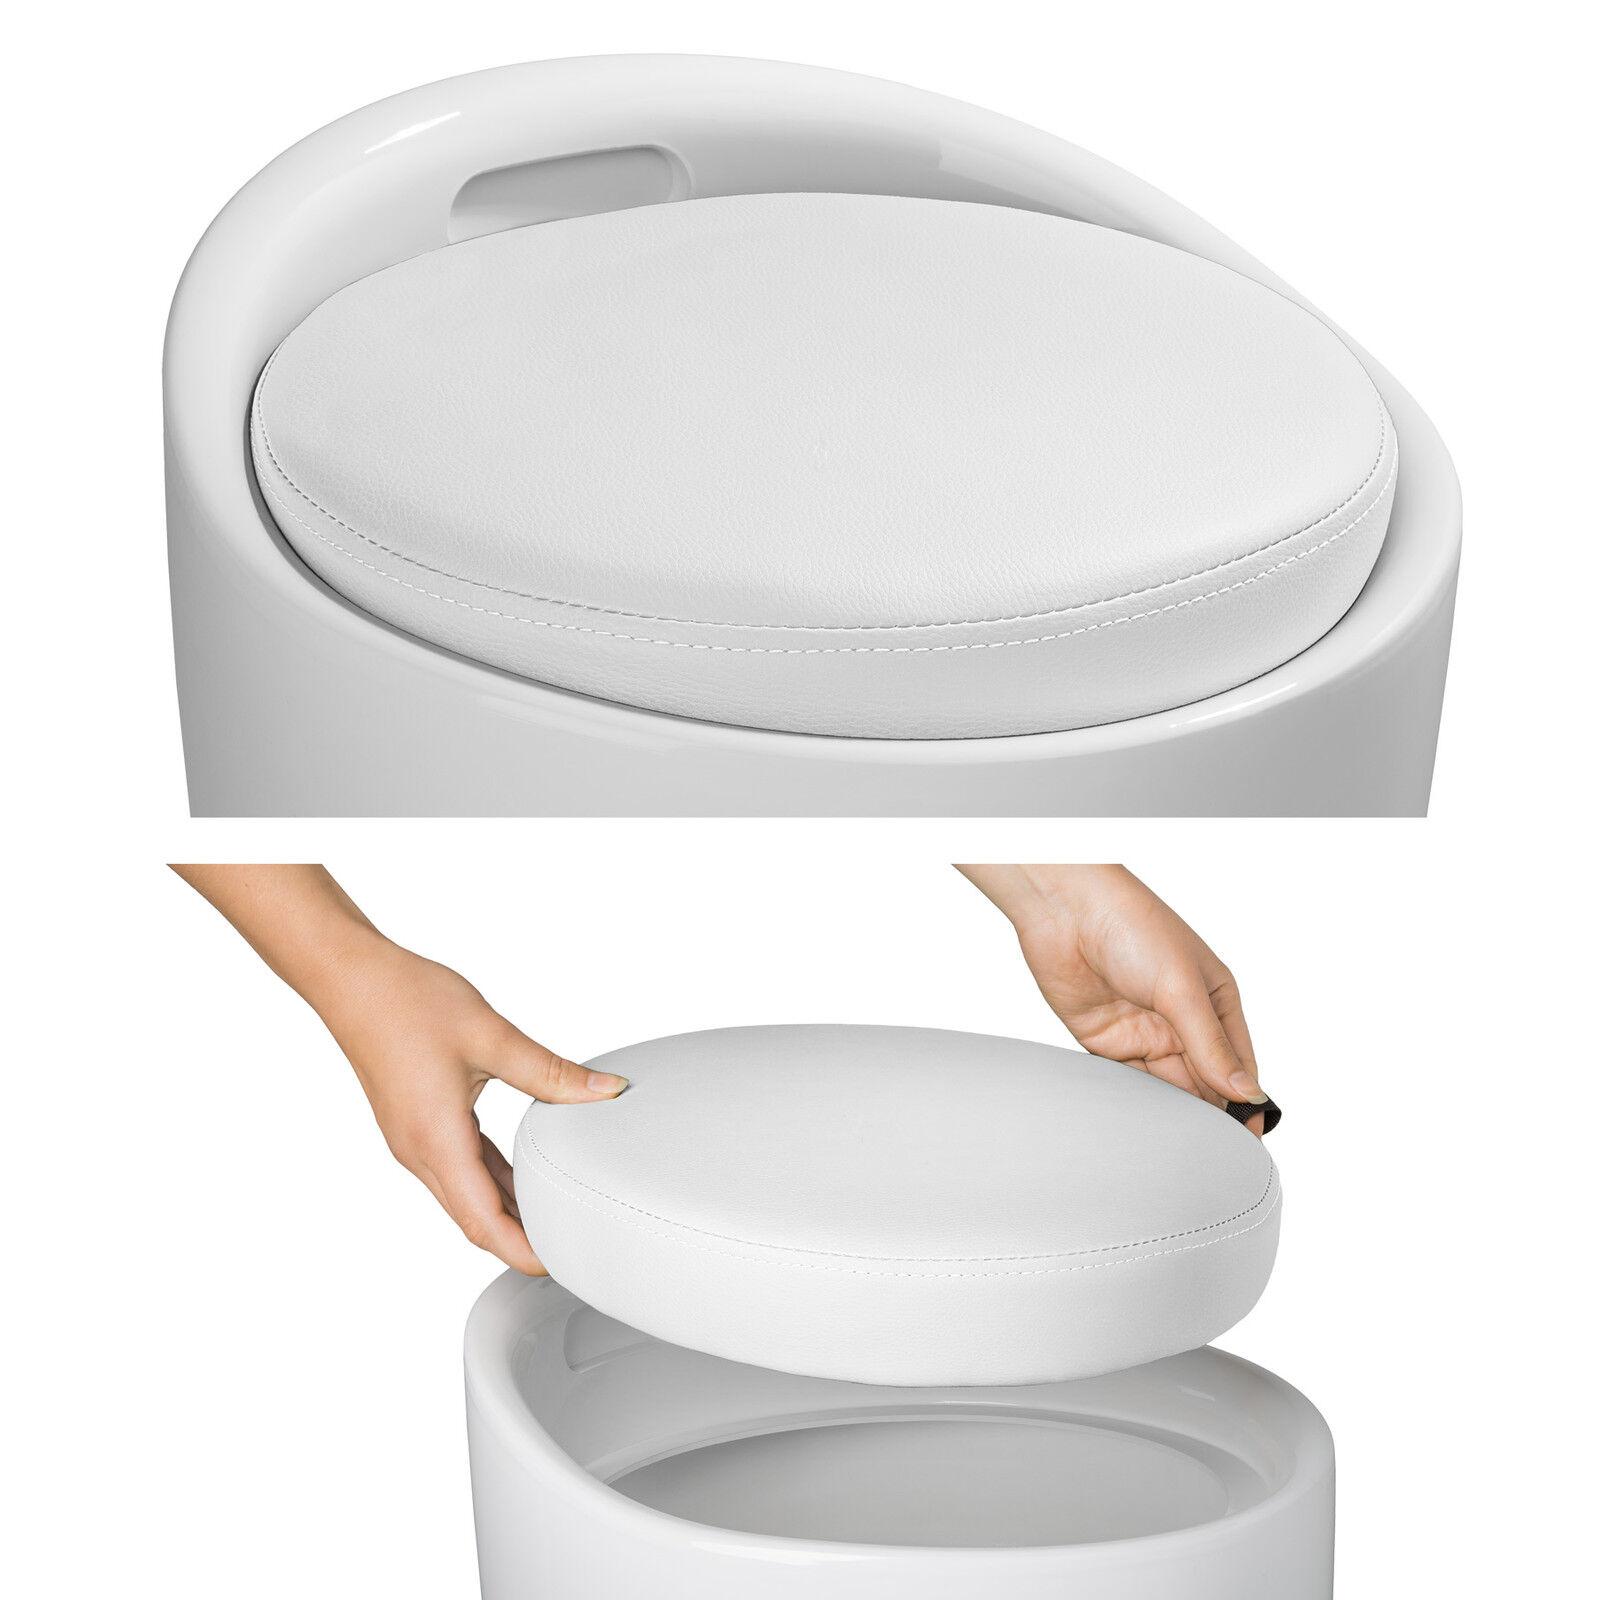 tabouret de salle de bain panier linge fateuil chaise avec rangement blanc eur 107 90. Black Bedroom Furniture Sets. Home Design Ideas